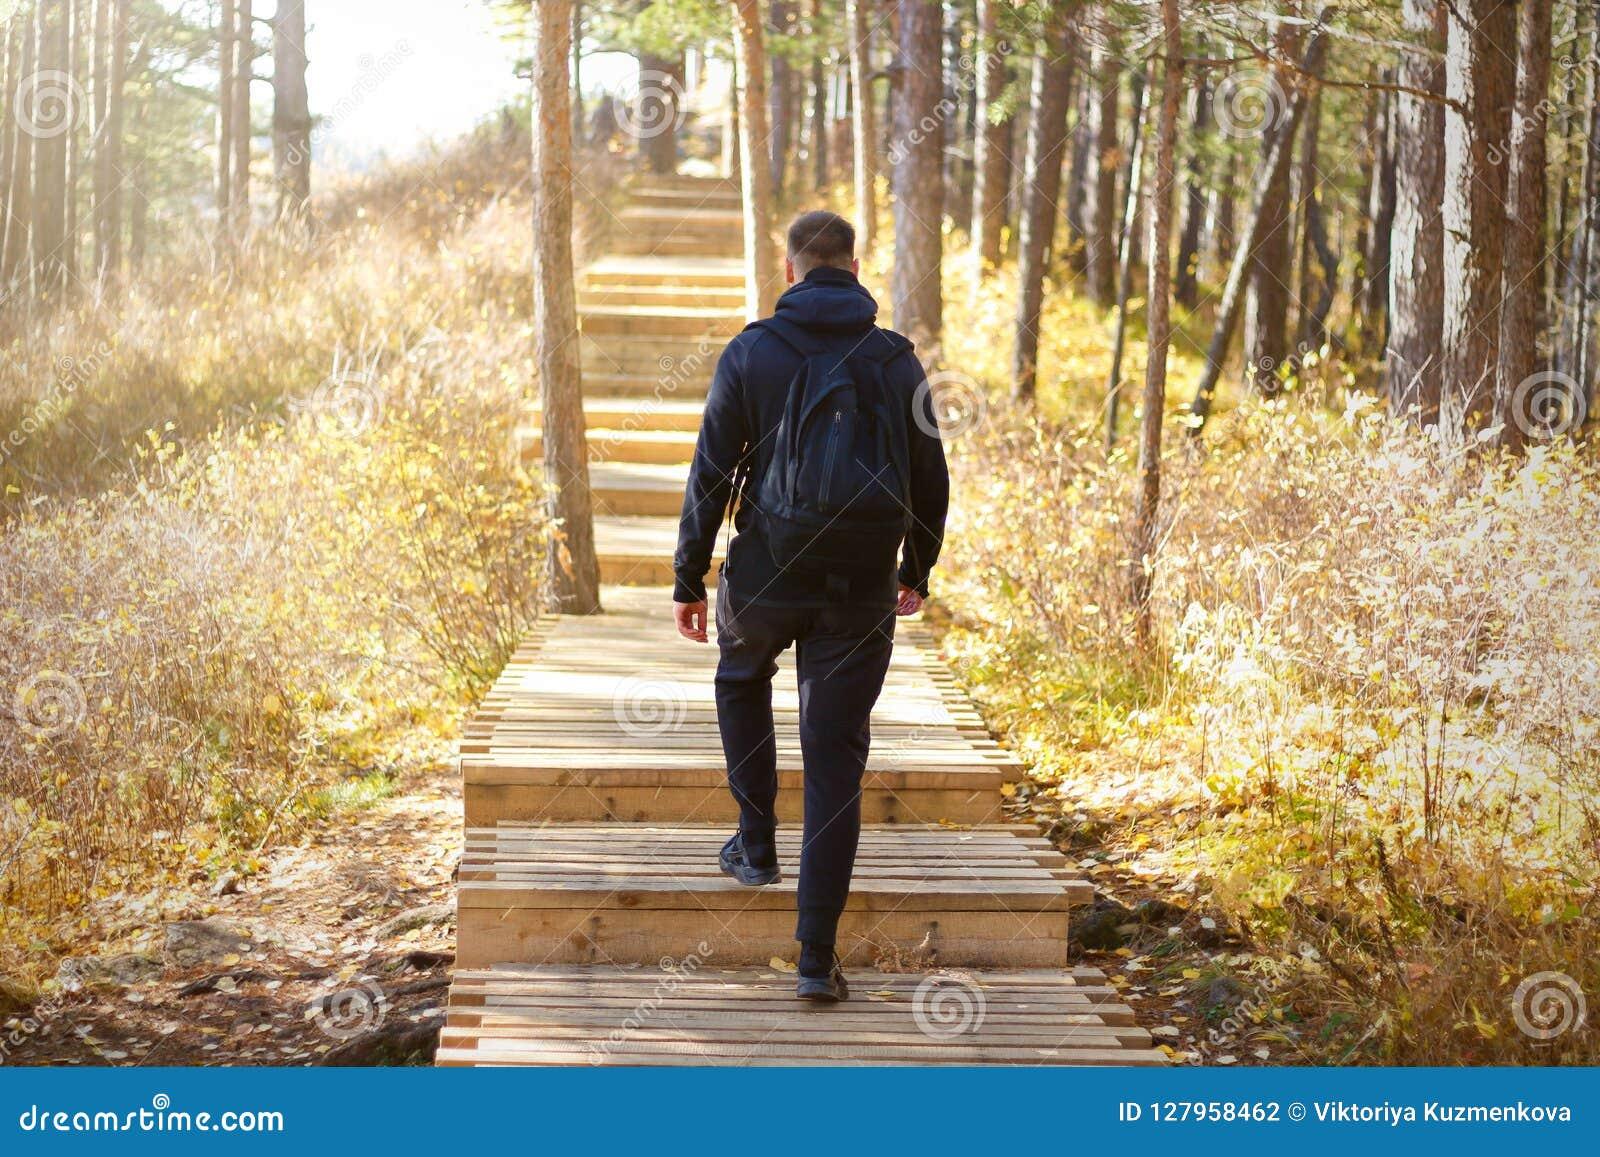 Un hombre con una mochila encima de las escaleras en el bosque Madera asoleada Escalera de madera